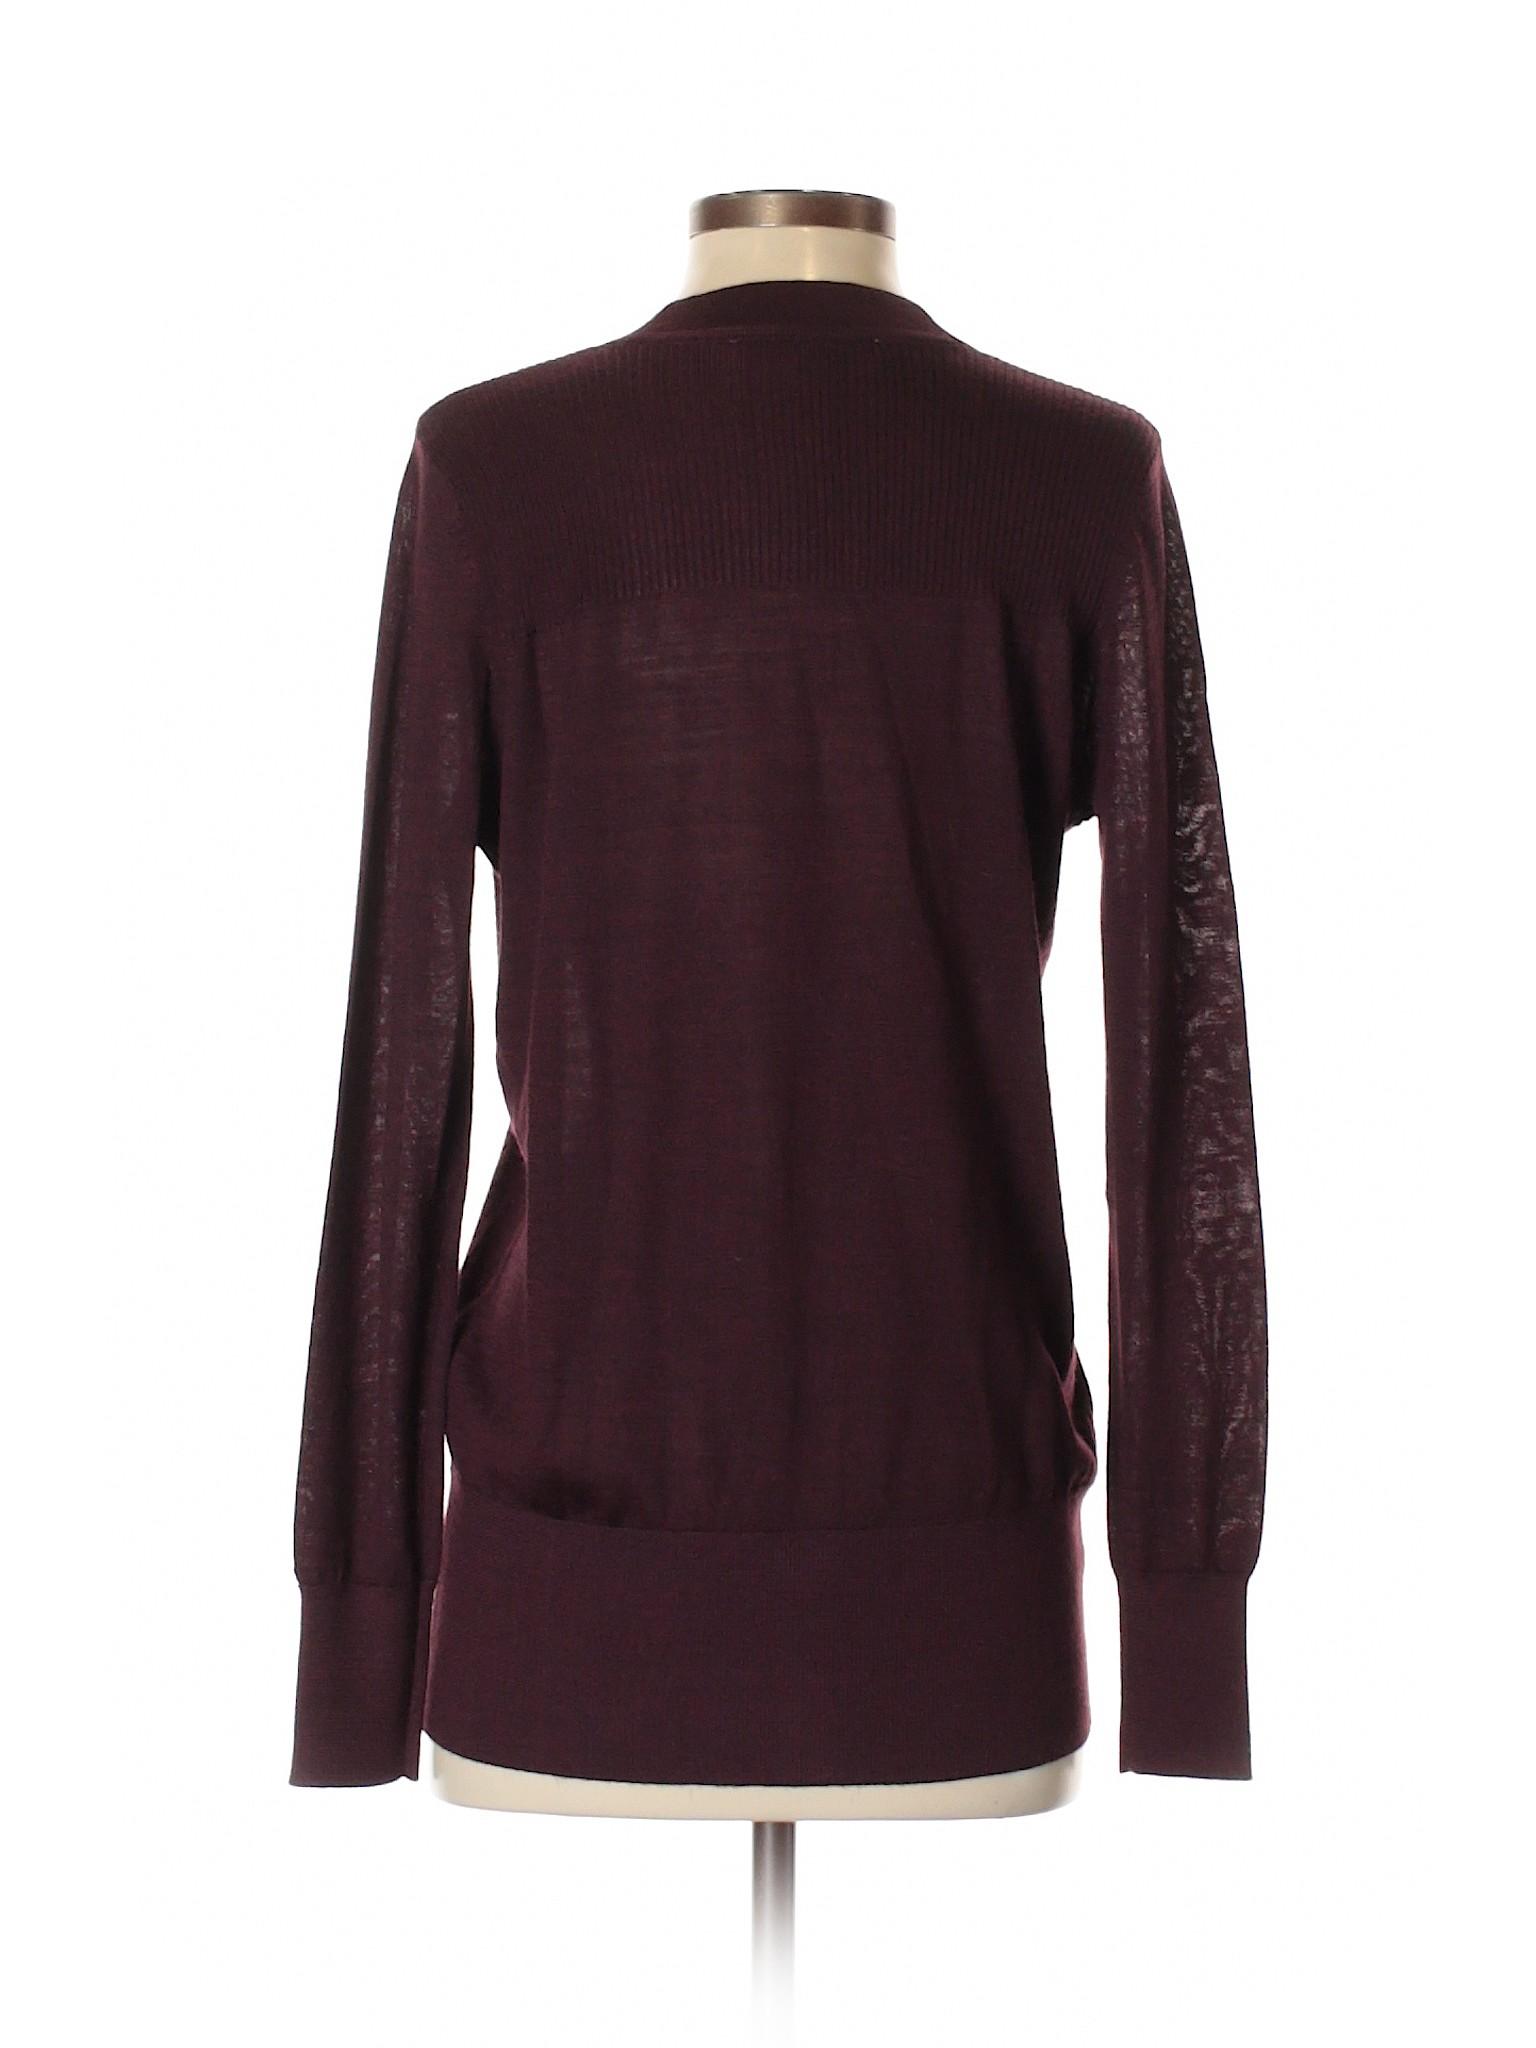 Ann Cardigan Taylor LOFT Boutique winter PSqx1gw55